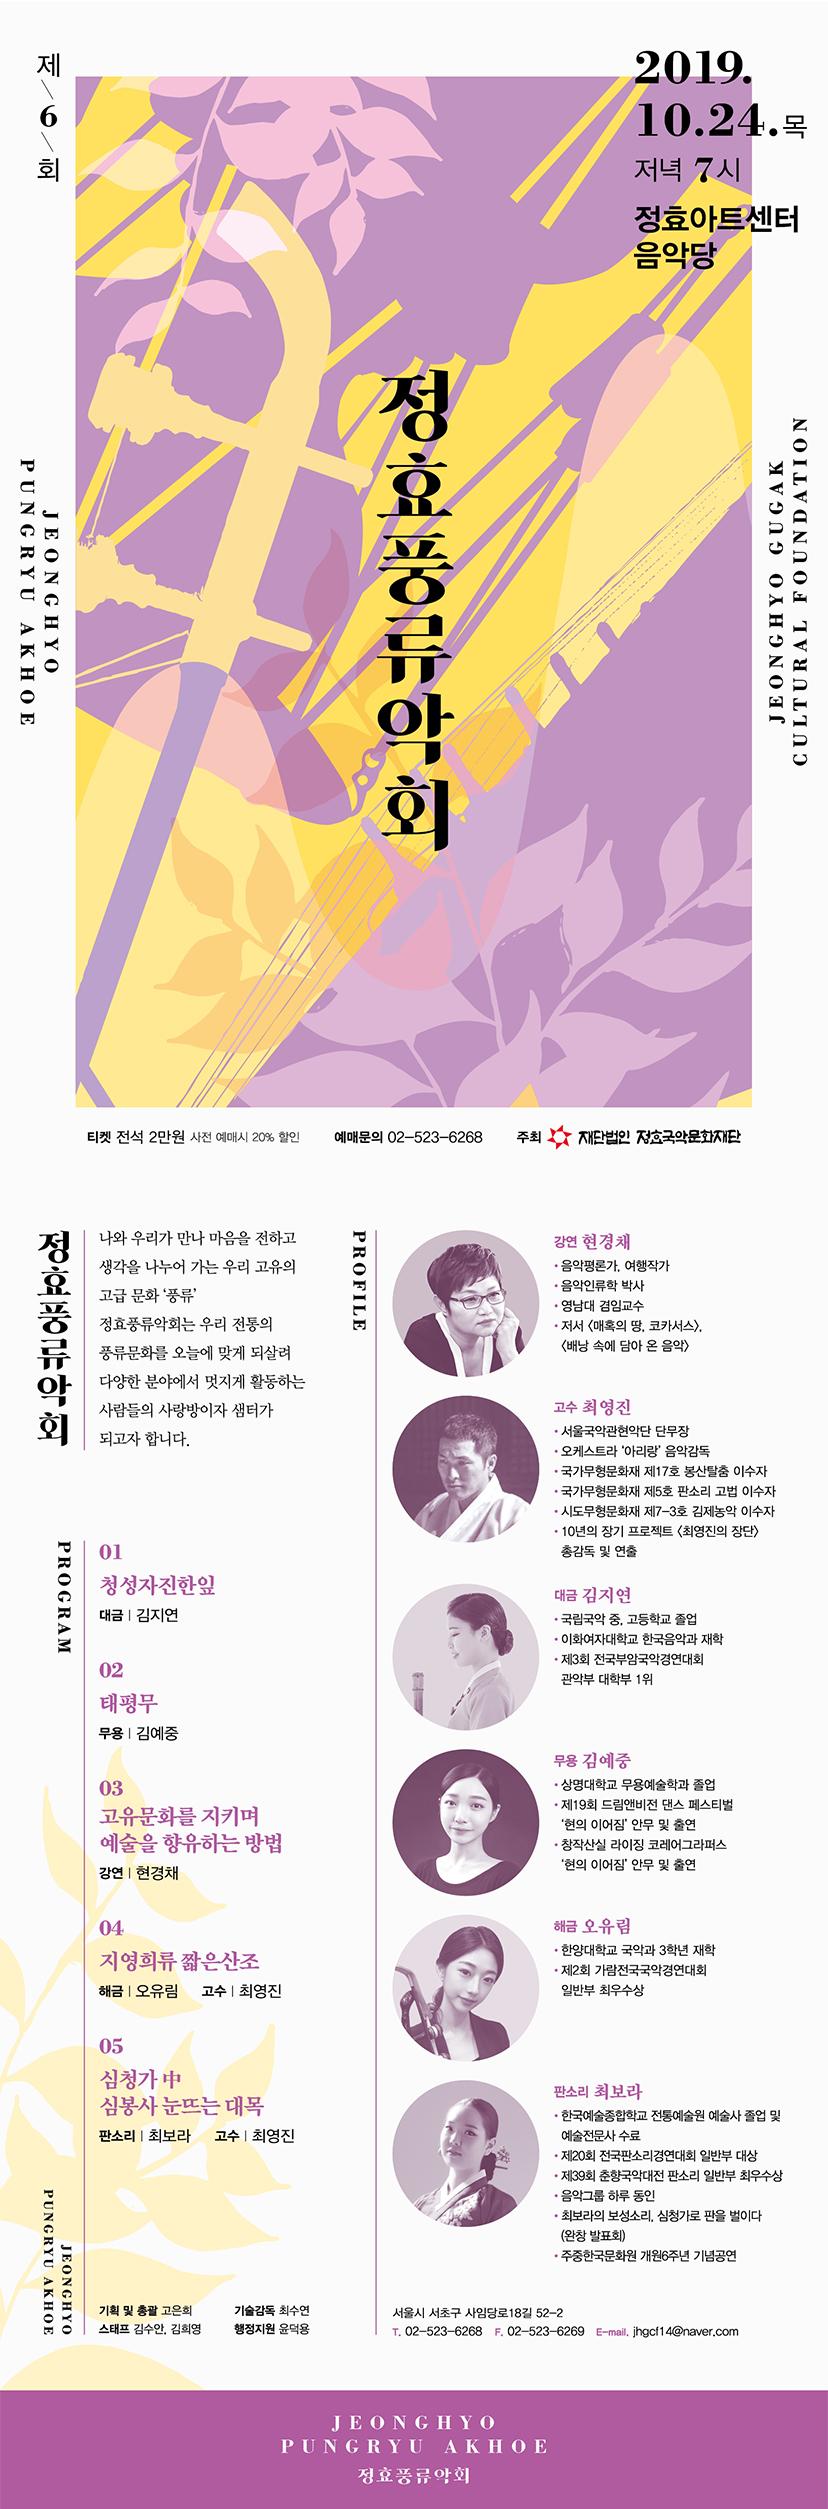 제6회 풍류음악회 웹전단.jpg